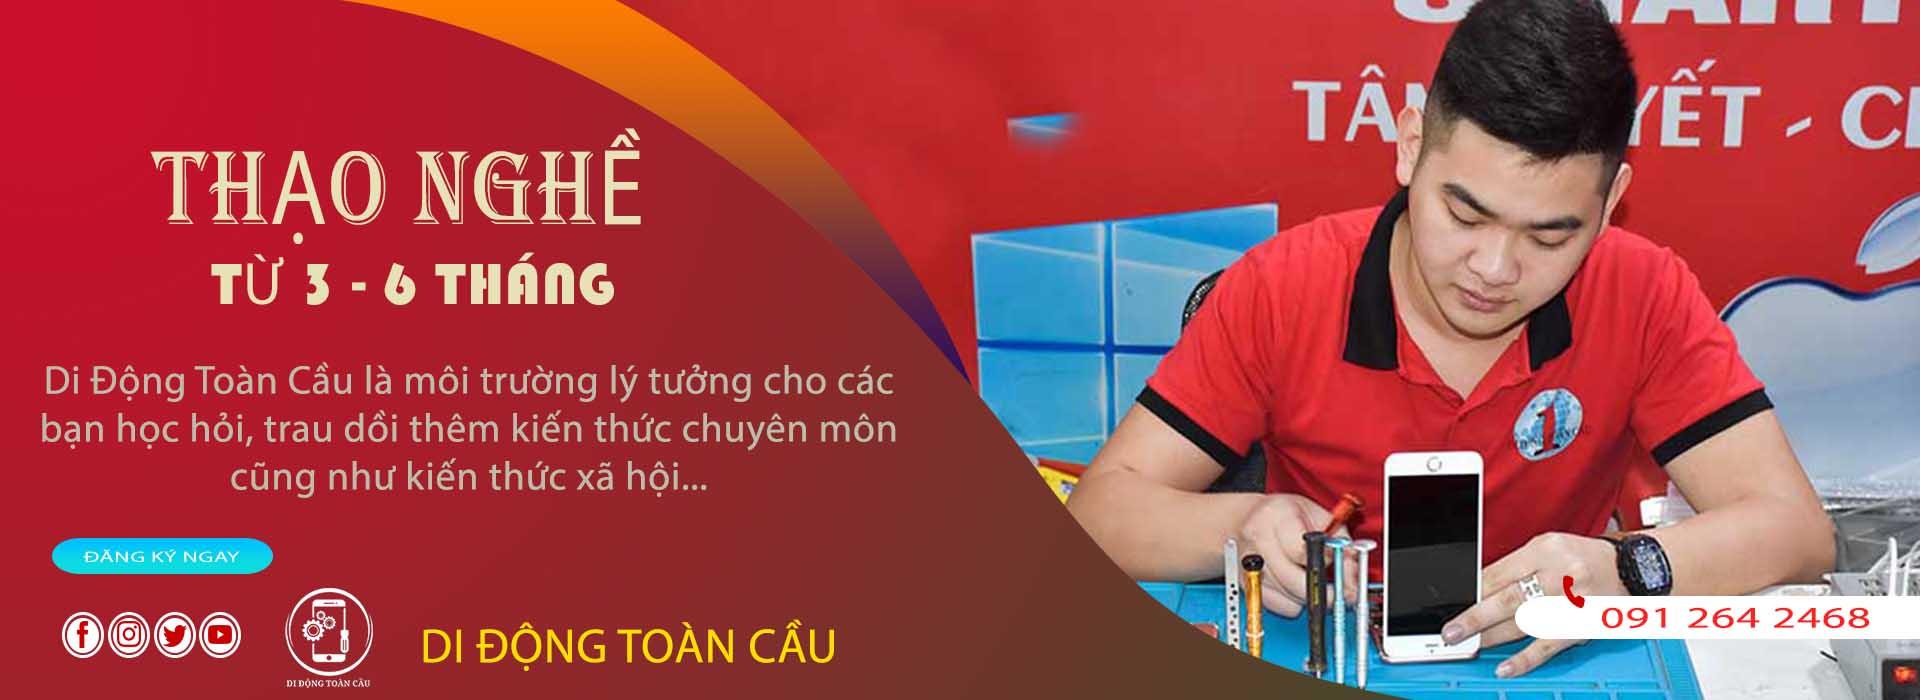 Học nghề sửa điện thoại tại Hà Nội